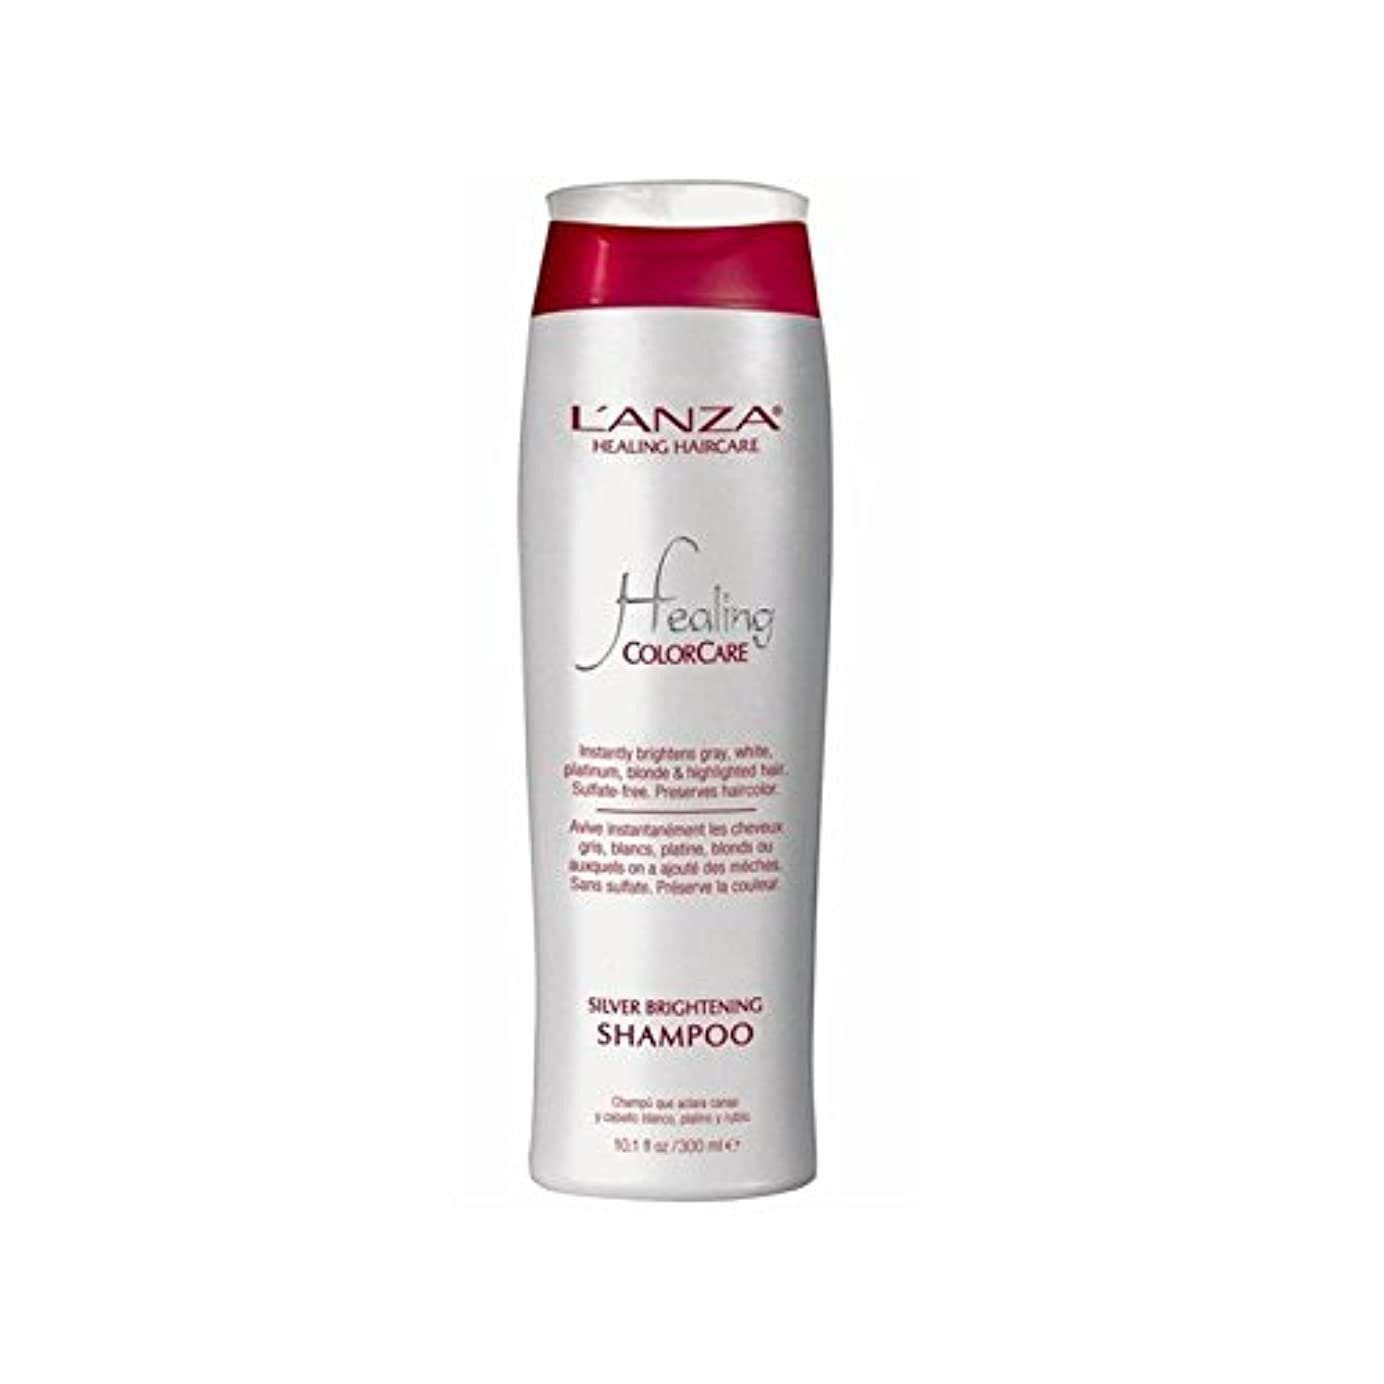 信仰コマンドバッジ銀光沢シャンプーを癒し'アンザ(300ミリリットル) x4 - L'Anza Healing Colorcare Silver Brightening Shampoo (300ml) (Pack of 4) [並行輸入品]